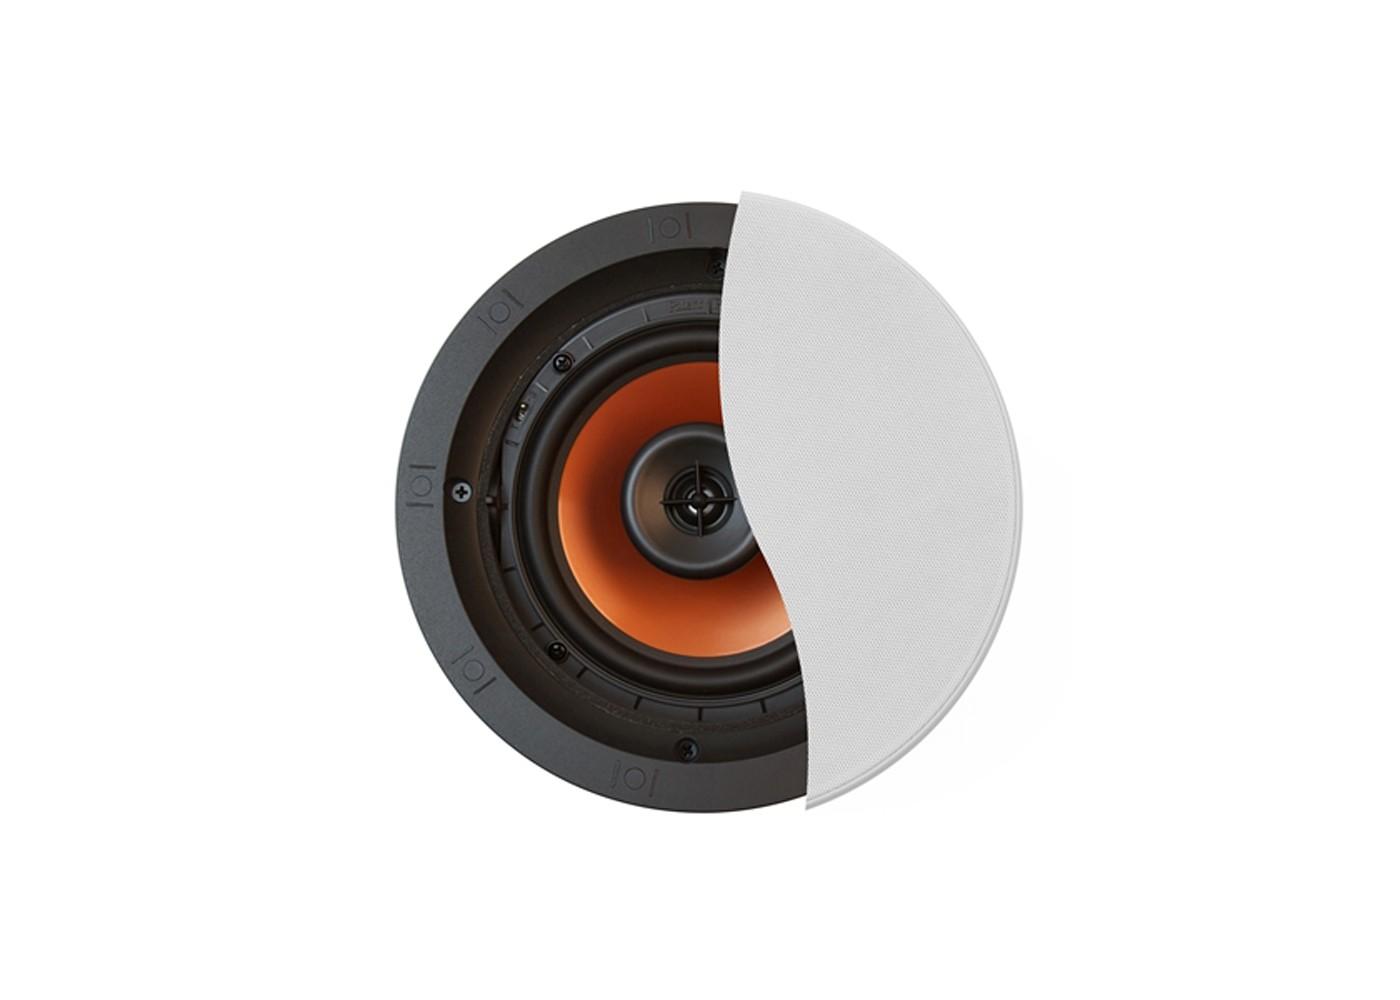 Klipsch Cdt 3650 C Ii In Ceiling Speaker For Sale White